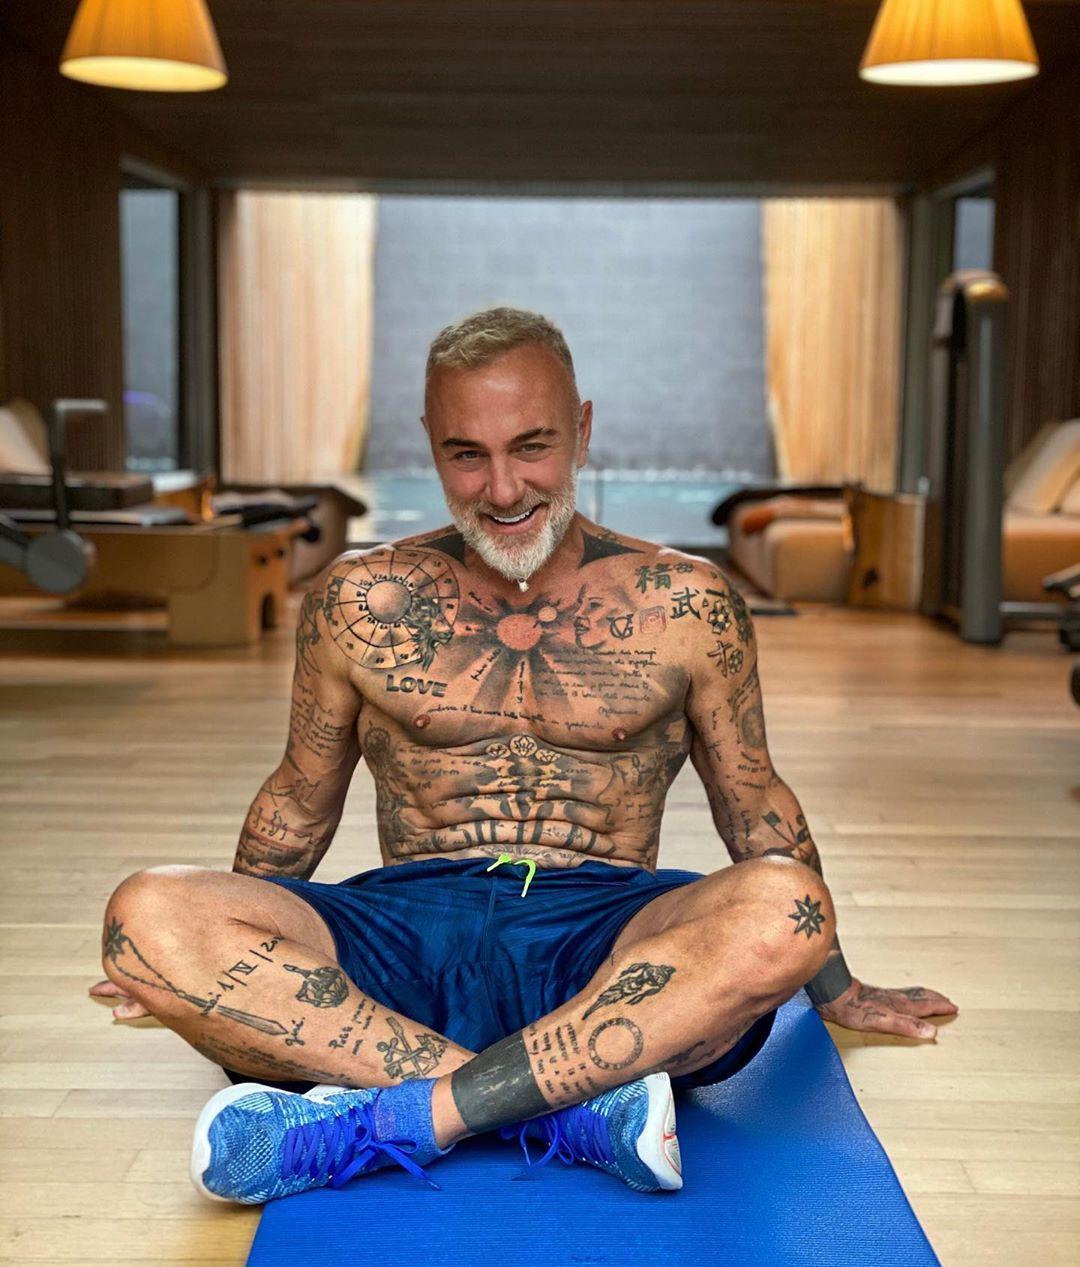 Итальянский миллионер Джанлука Вакки выглядит просто потрясающе в свои 52 года